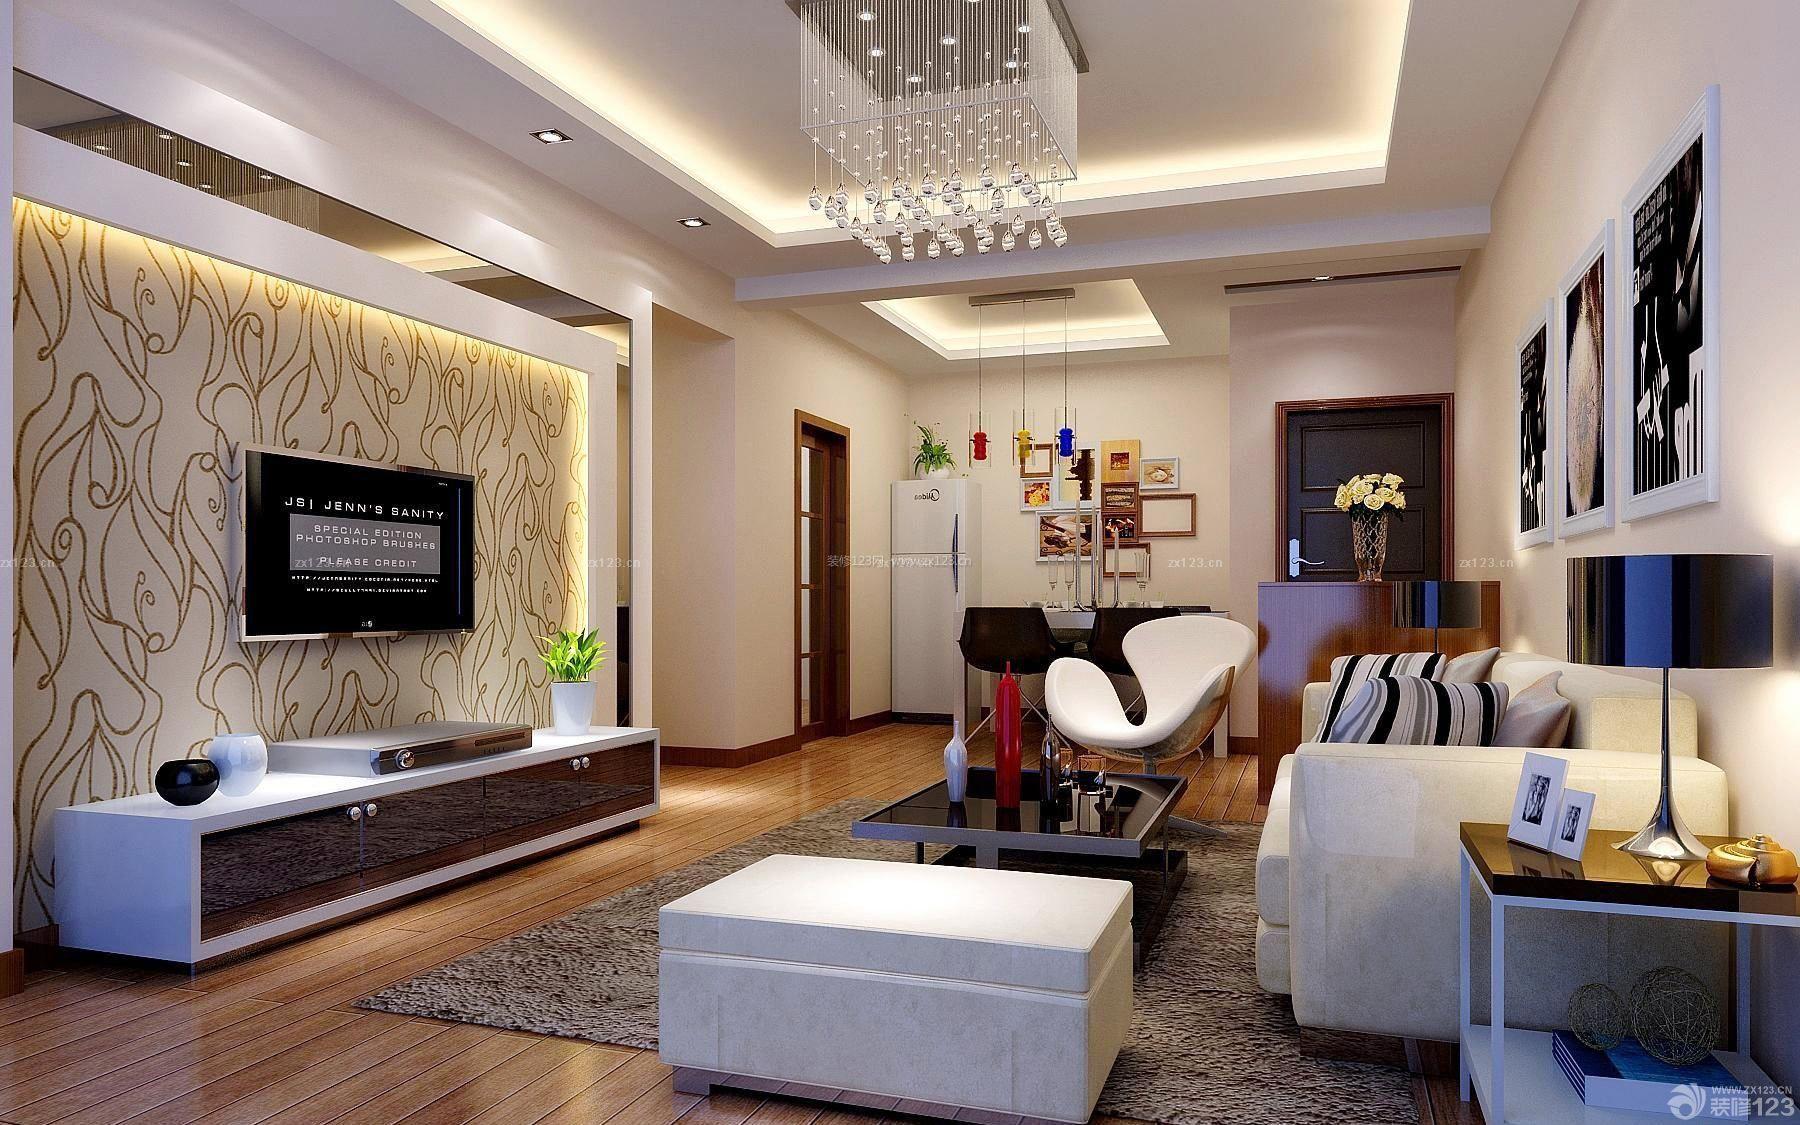 140平方米房屋现代客厅装修效果图